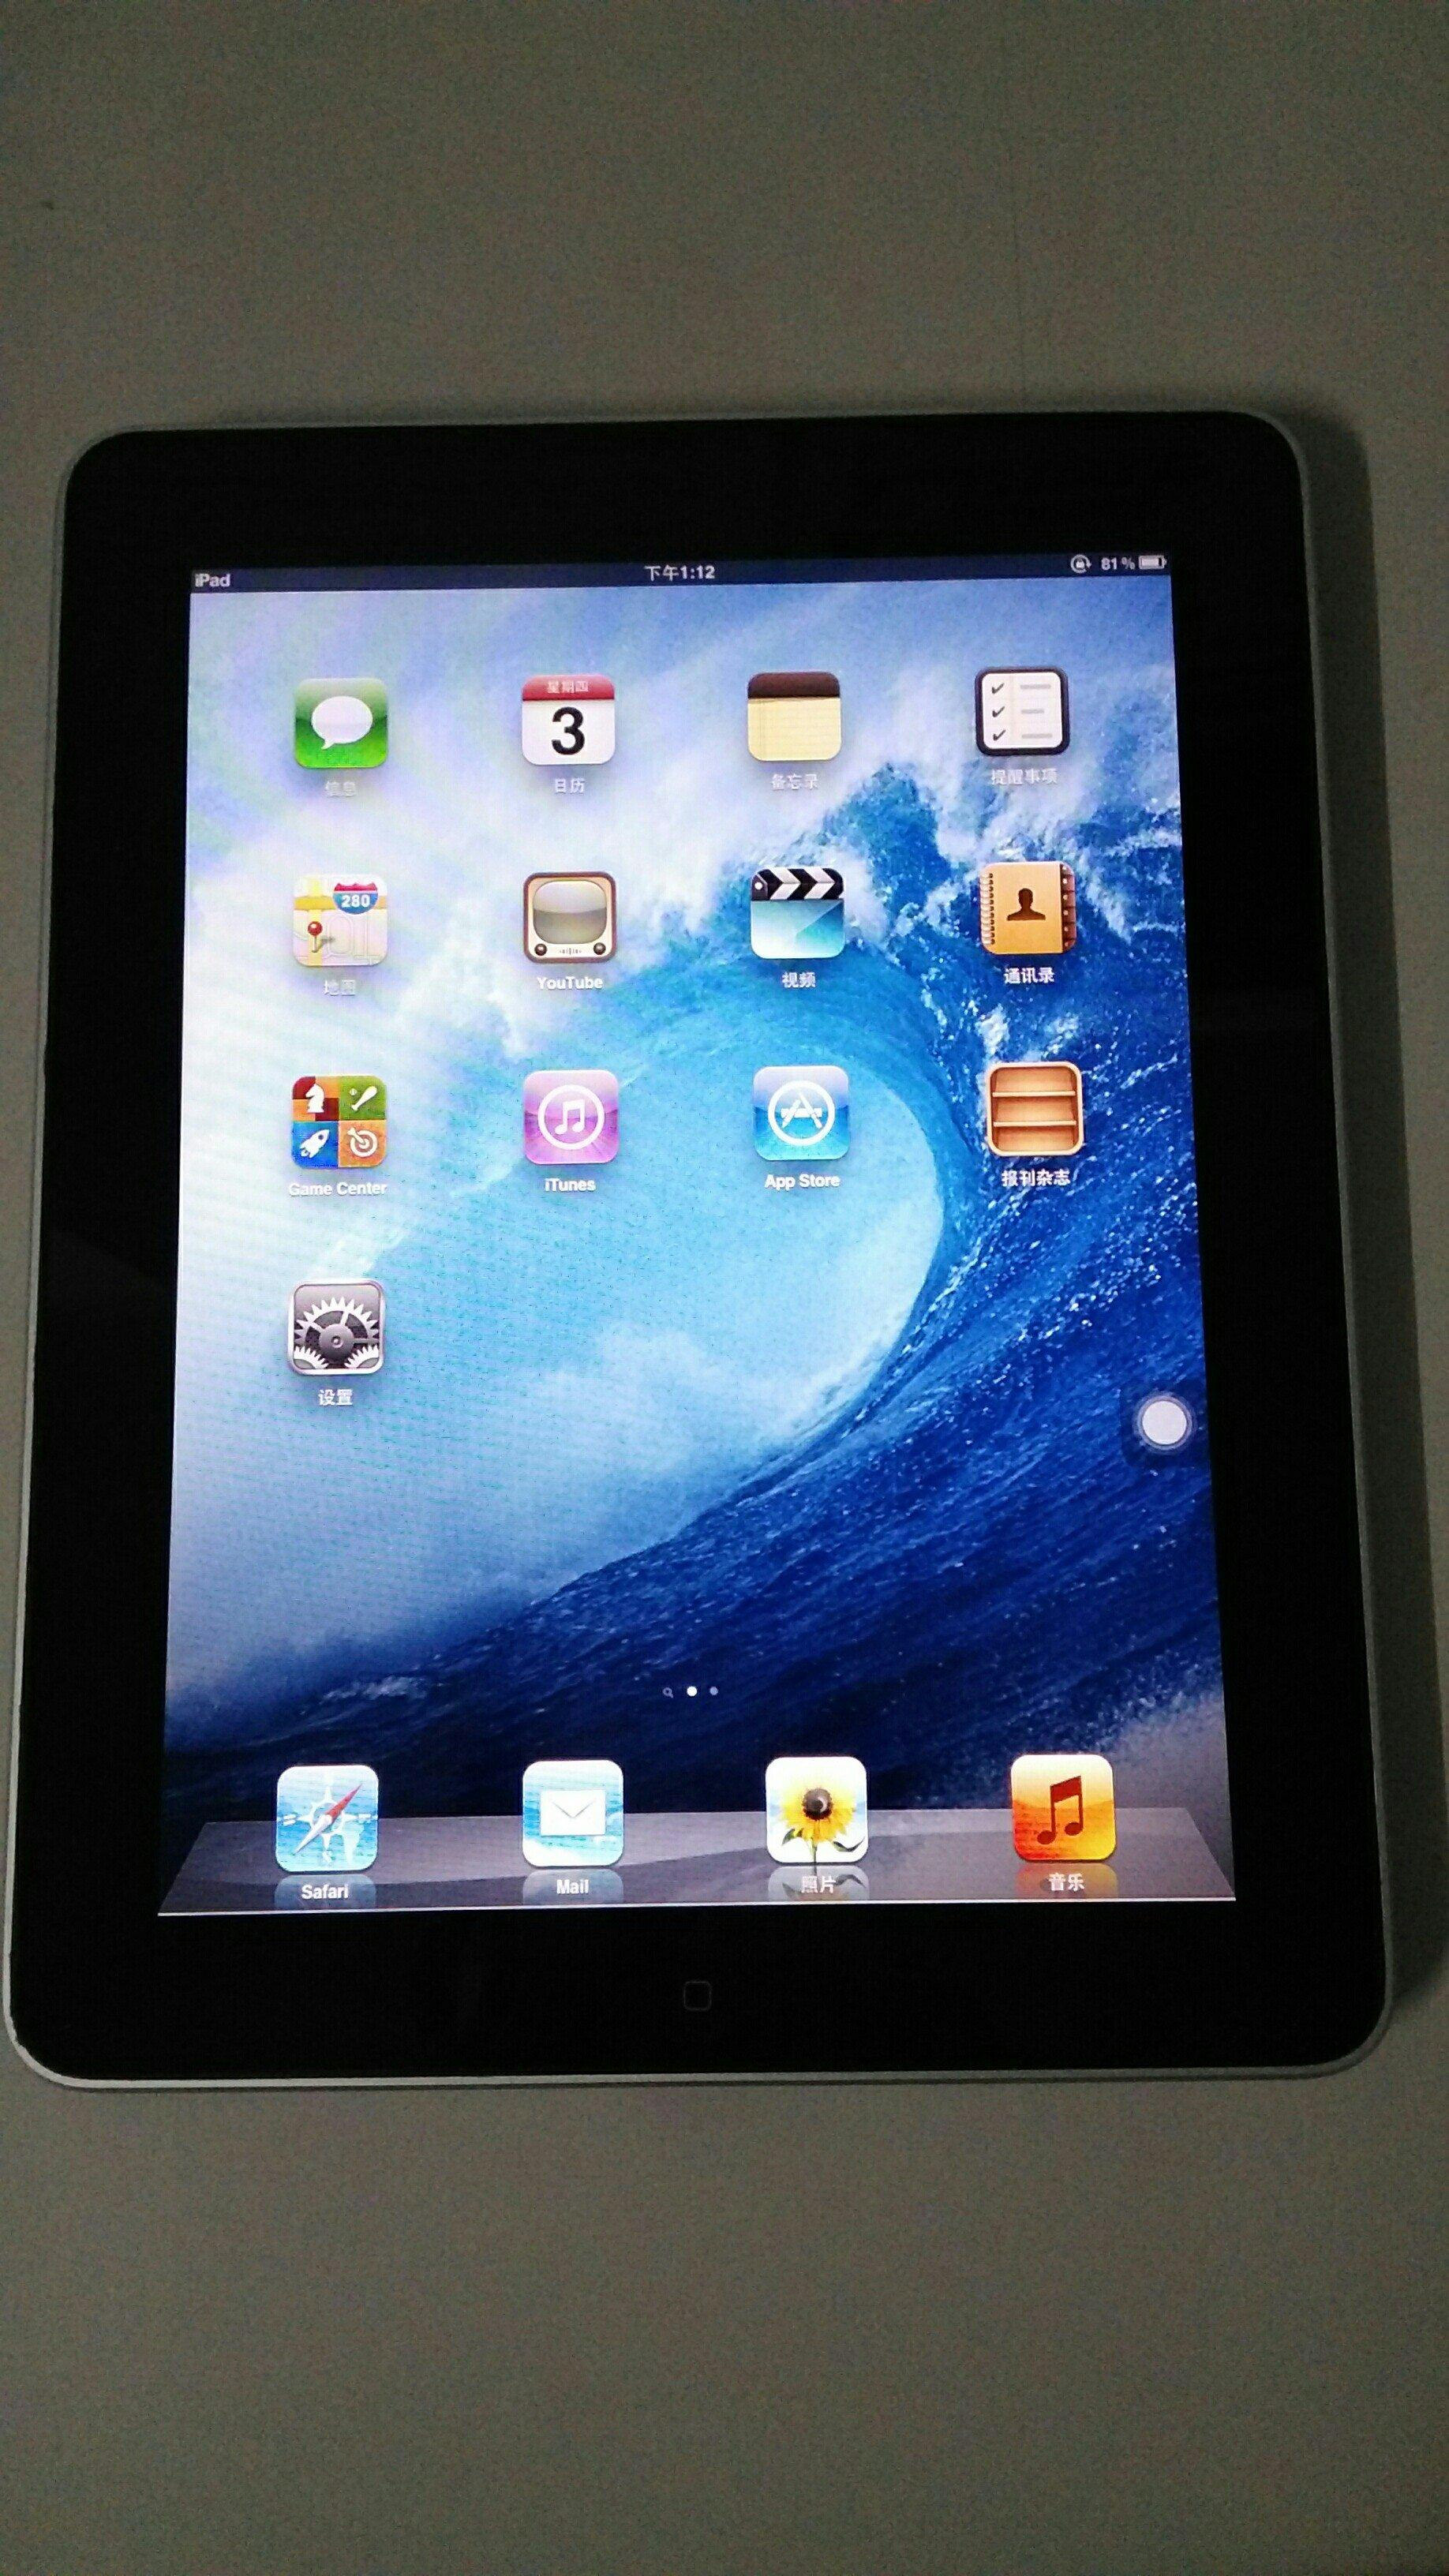 ipad1代苹果平板电脑